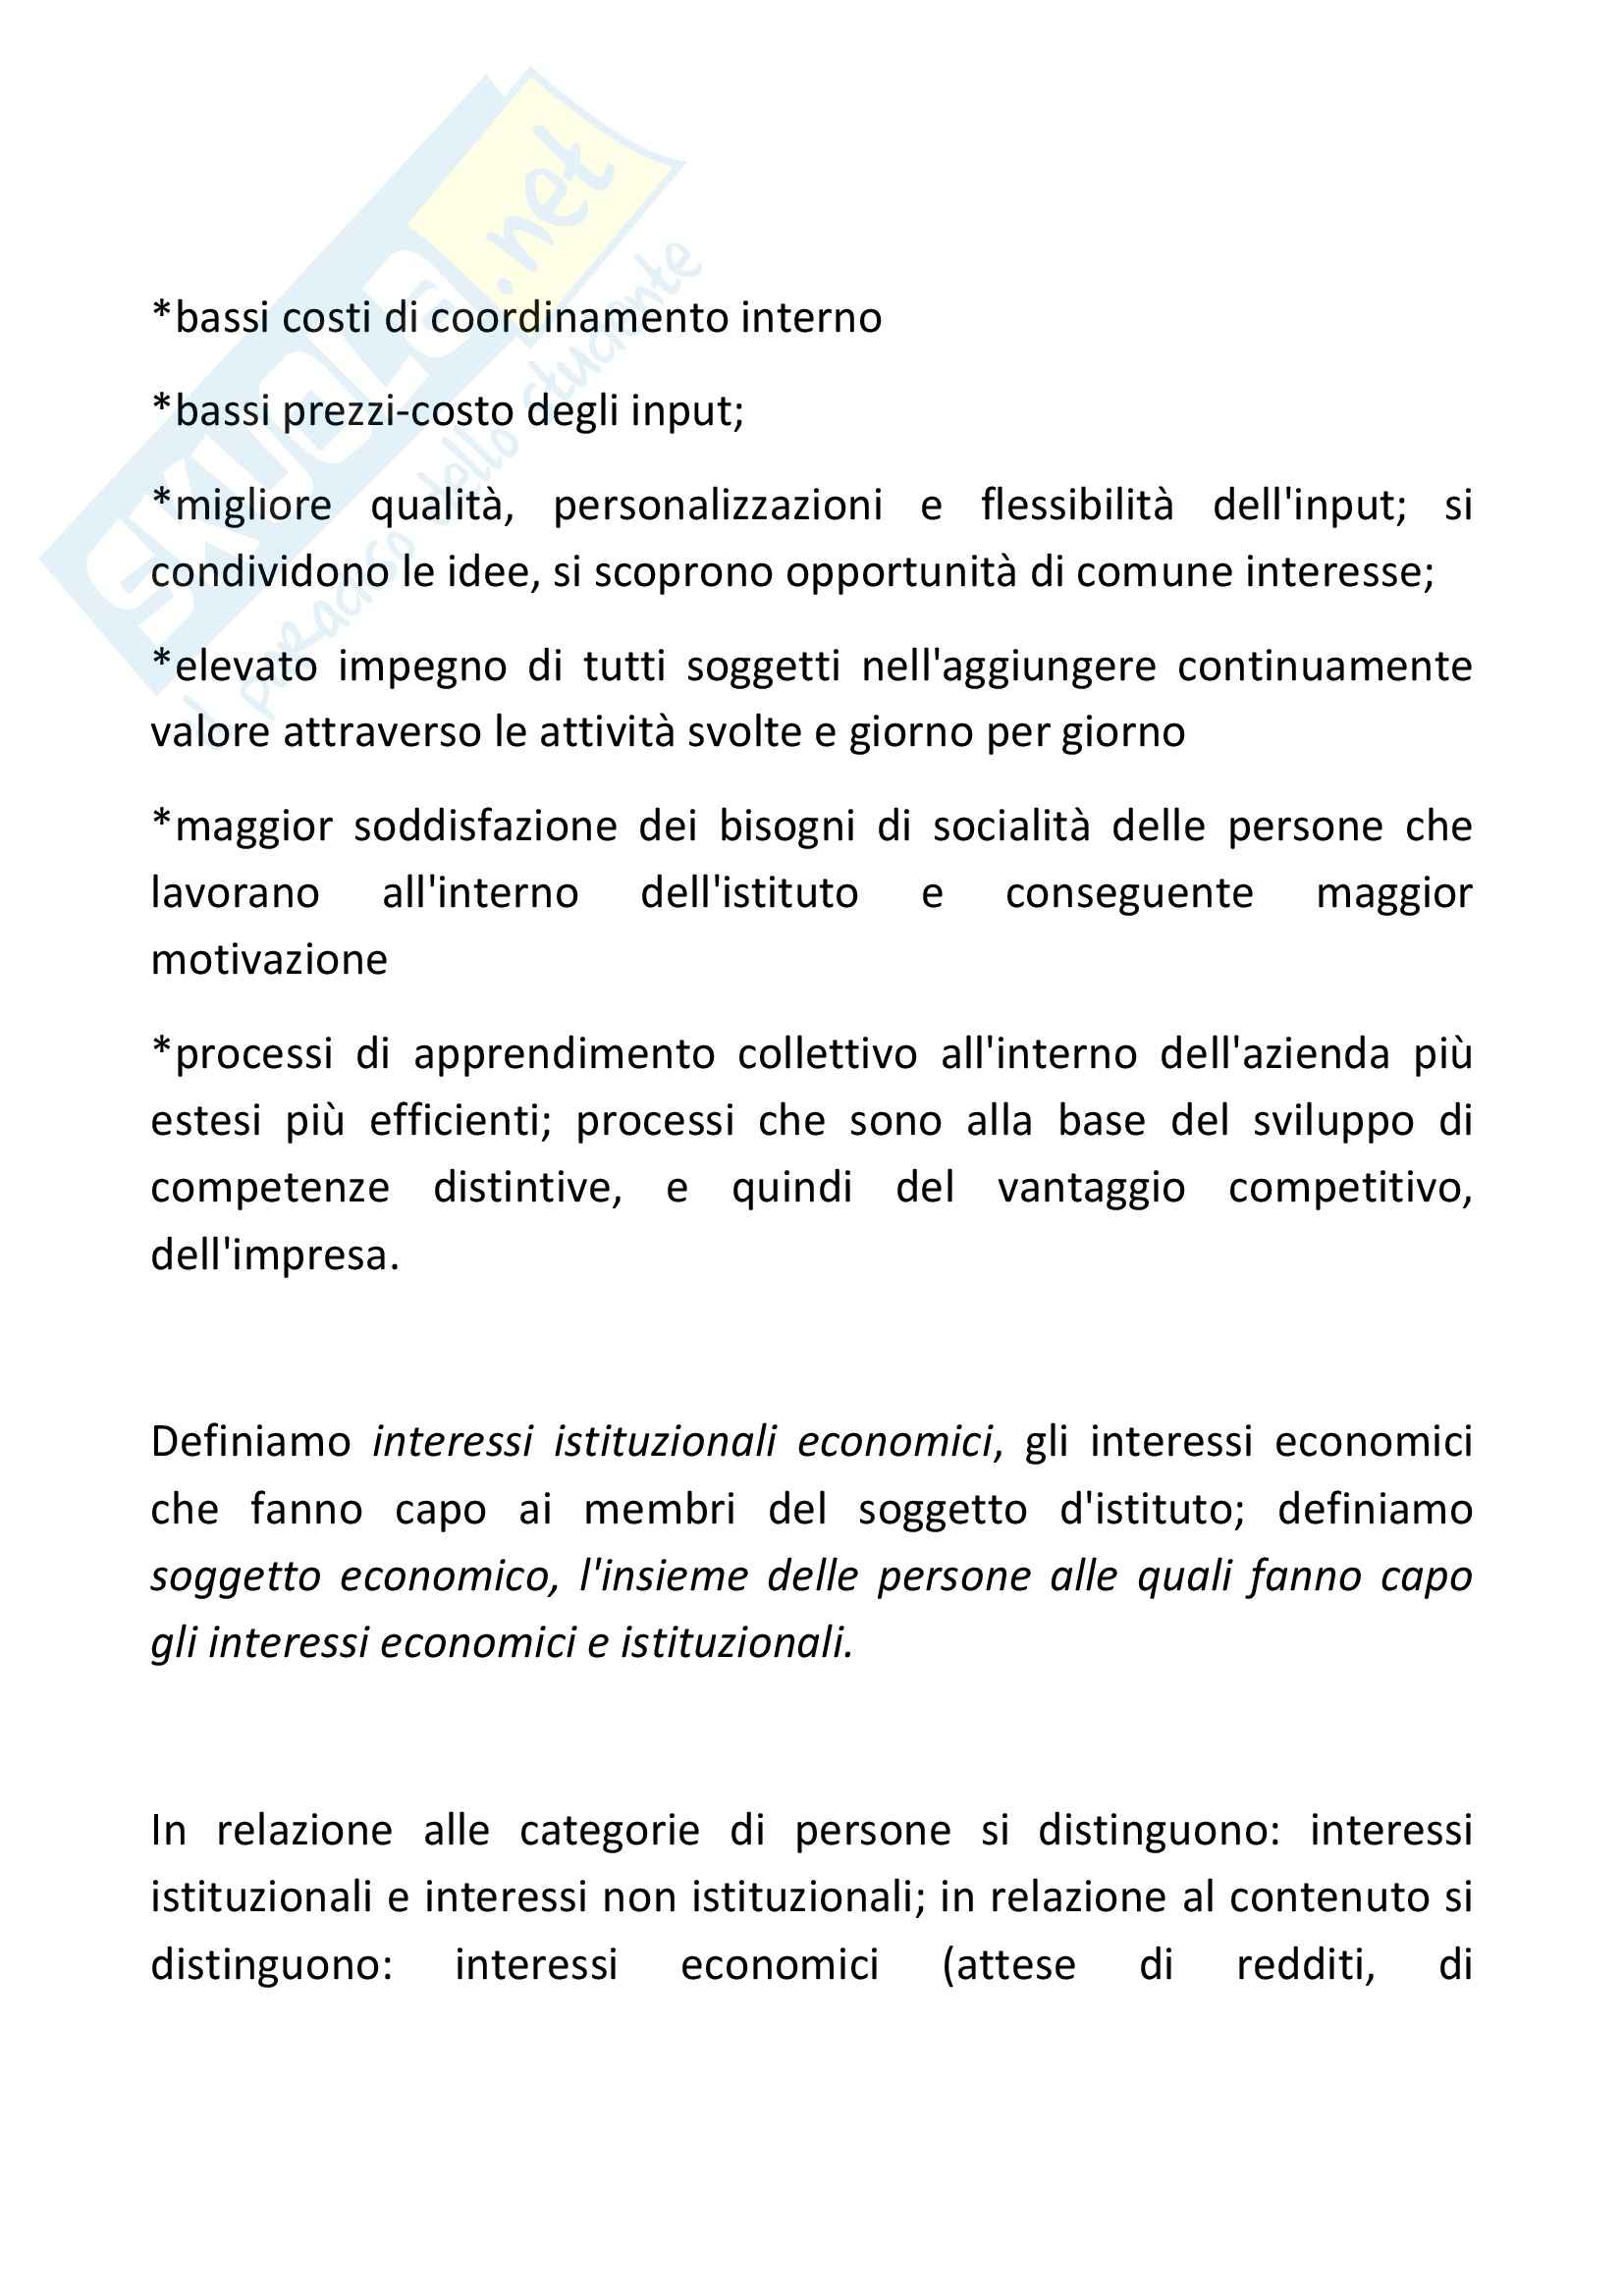 Riassunto esame Economia Aziendale, prof. Bagnoli, libro consigliato Corso di Economia Aziendale, Airoldi Pag. 36